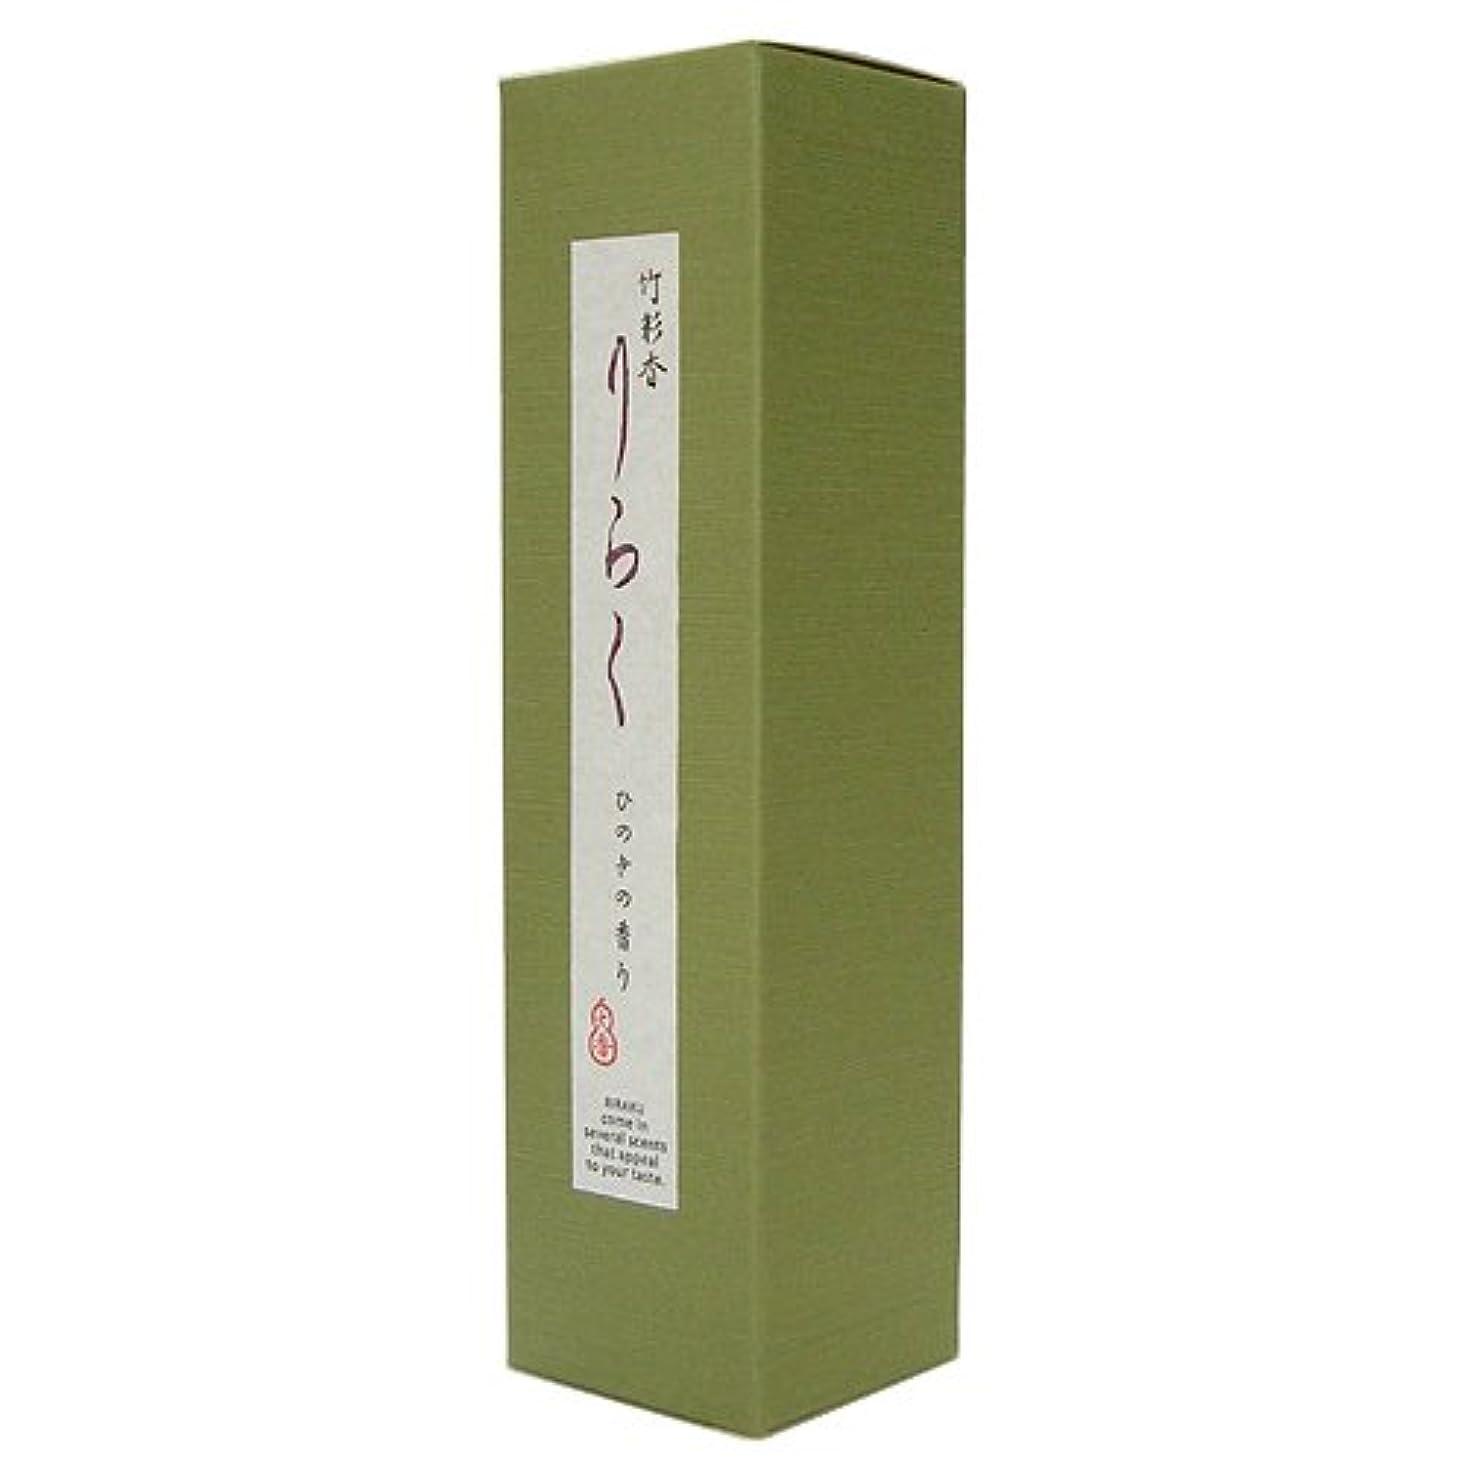 フロンティアエスカレーター位置する竹彩香りらくひのき 50ml